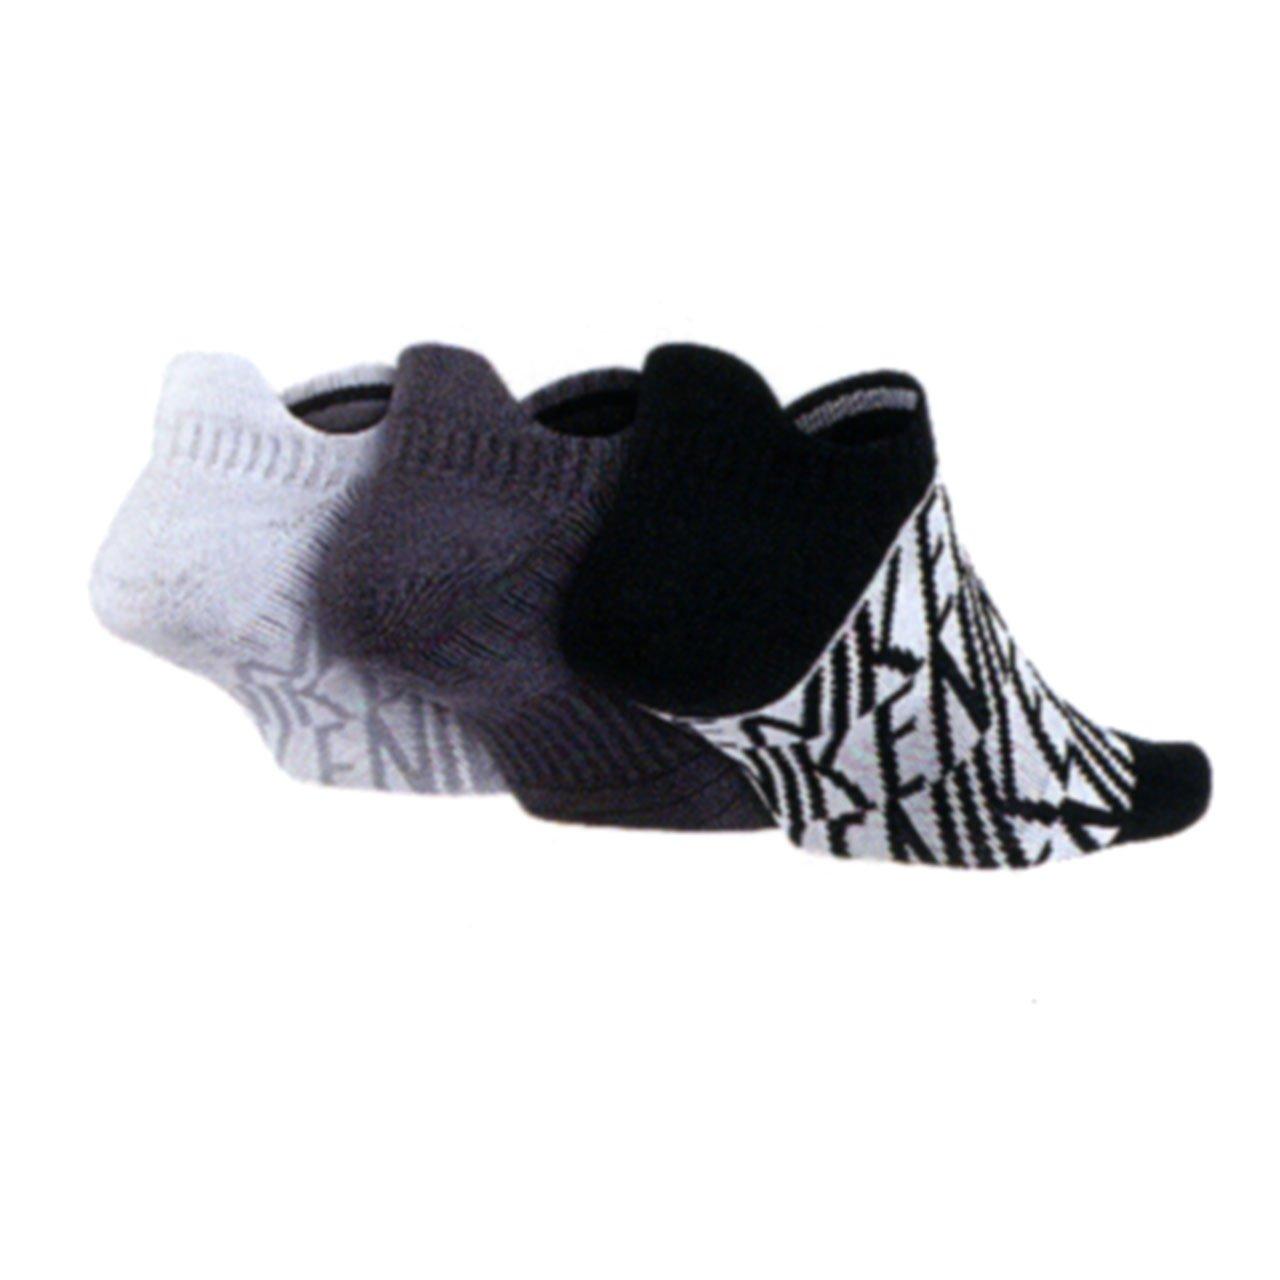 Nike Dri Fit Ammortizzata No-show Calzini Delle Donne 3-pk Con Arco XObD5asS